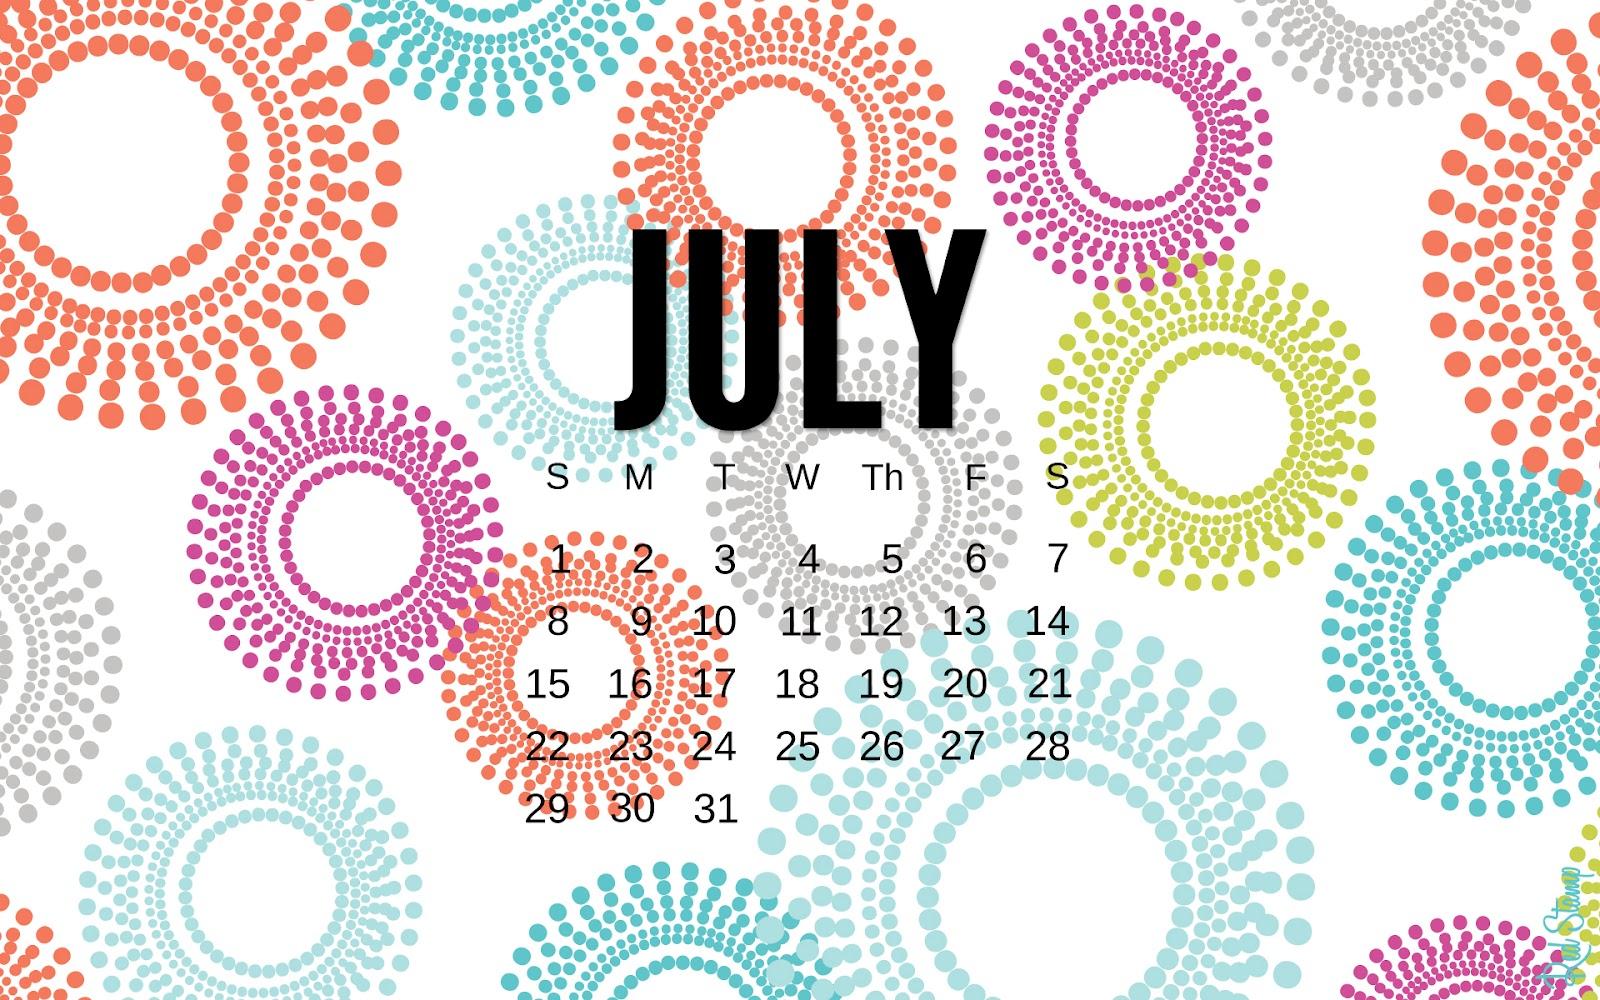 http://1.bp.blogspot.com/-qjHKELkkVdM/T_HFQ6dzV7I/AAAAAAAACZA/uflZ6A3l1gw/s1600/RedStamp+July+Desktop+Wallpaper.jpg